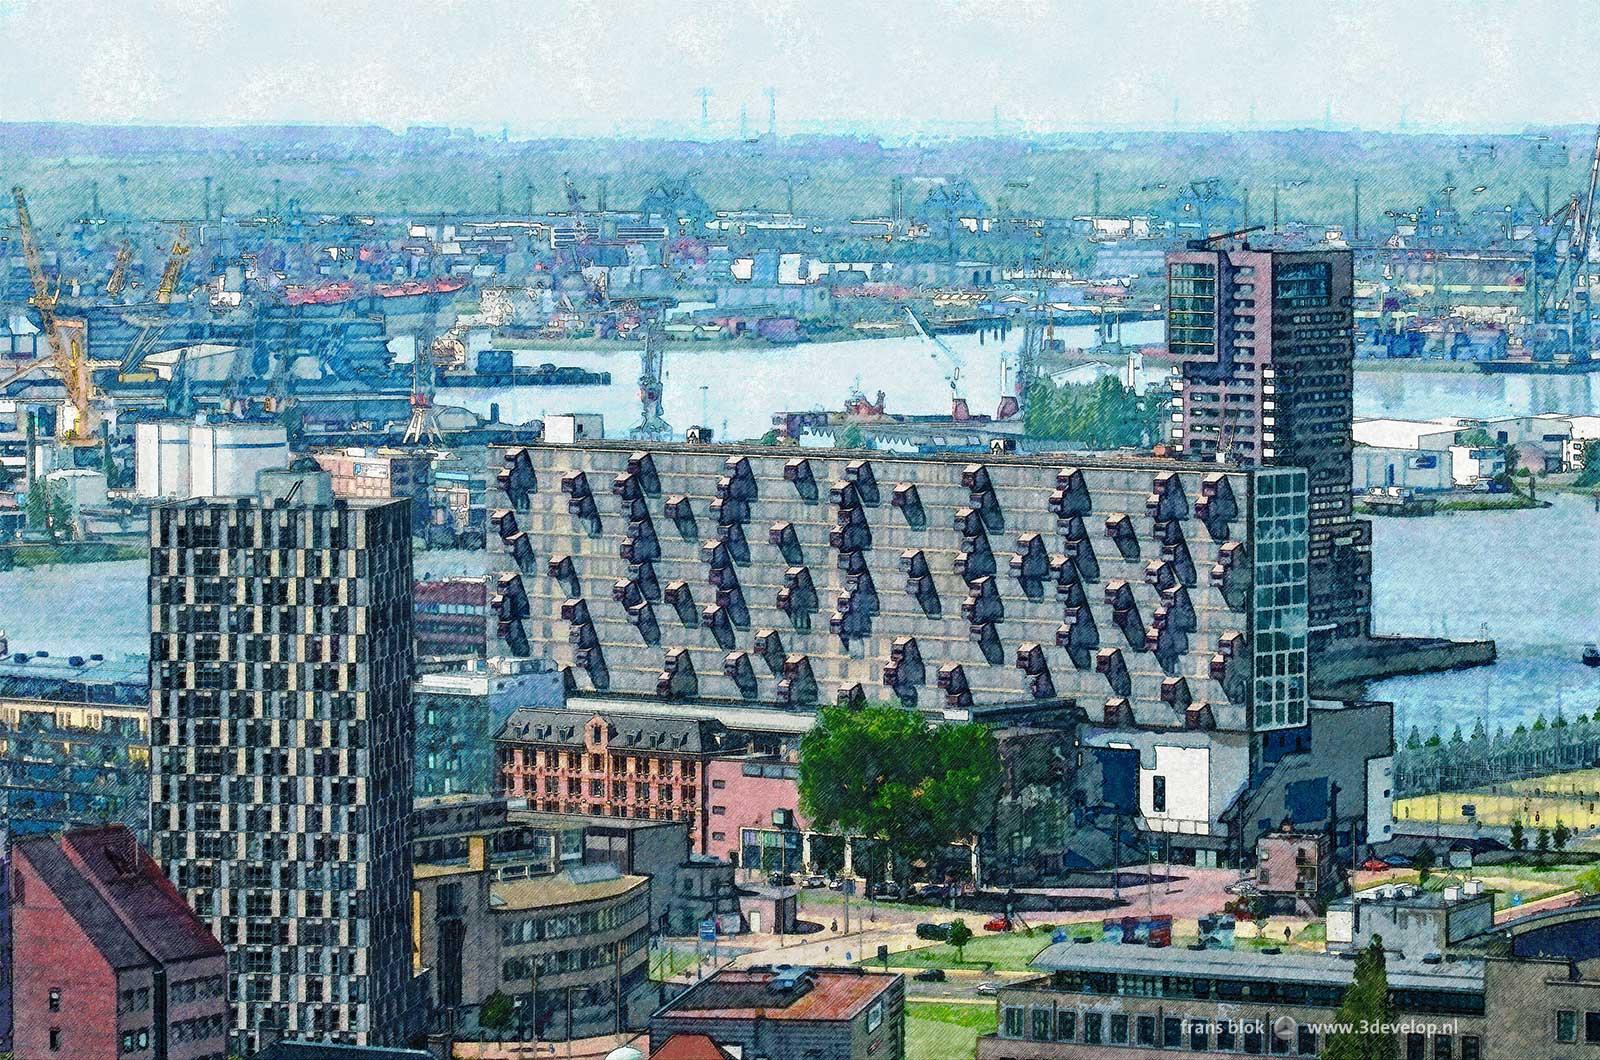 Verschildering van de nieuwe wijk Lloydkwartier in Rotterdam met de Nieuwe Maaas en de Waalhaven op de achtergrond